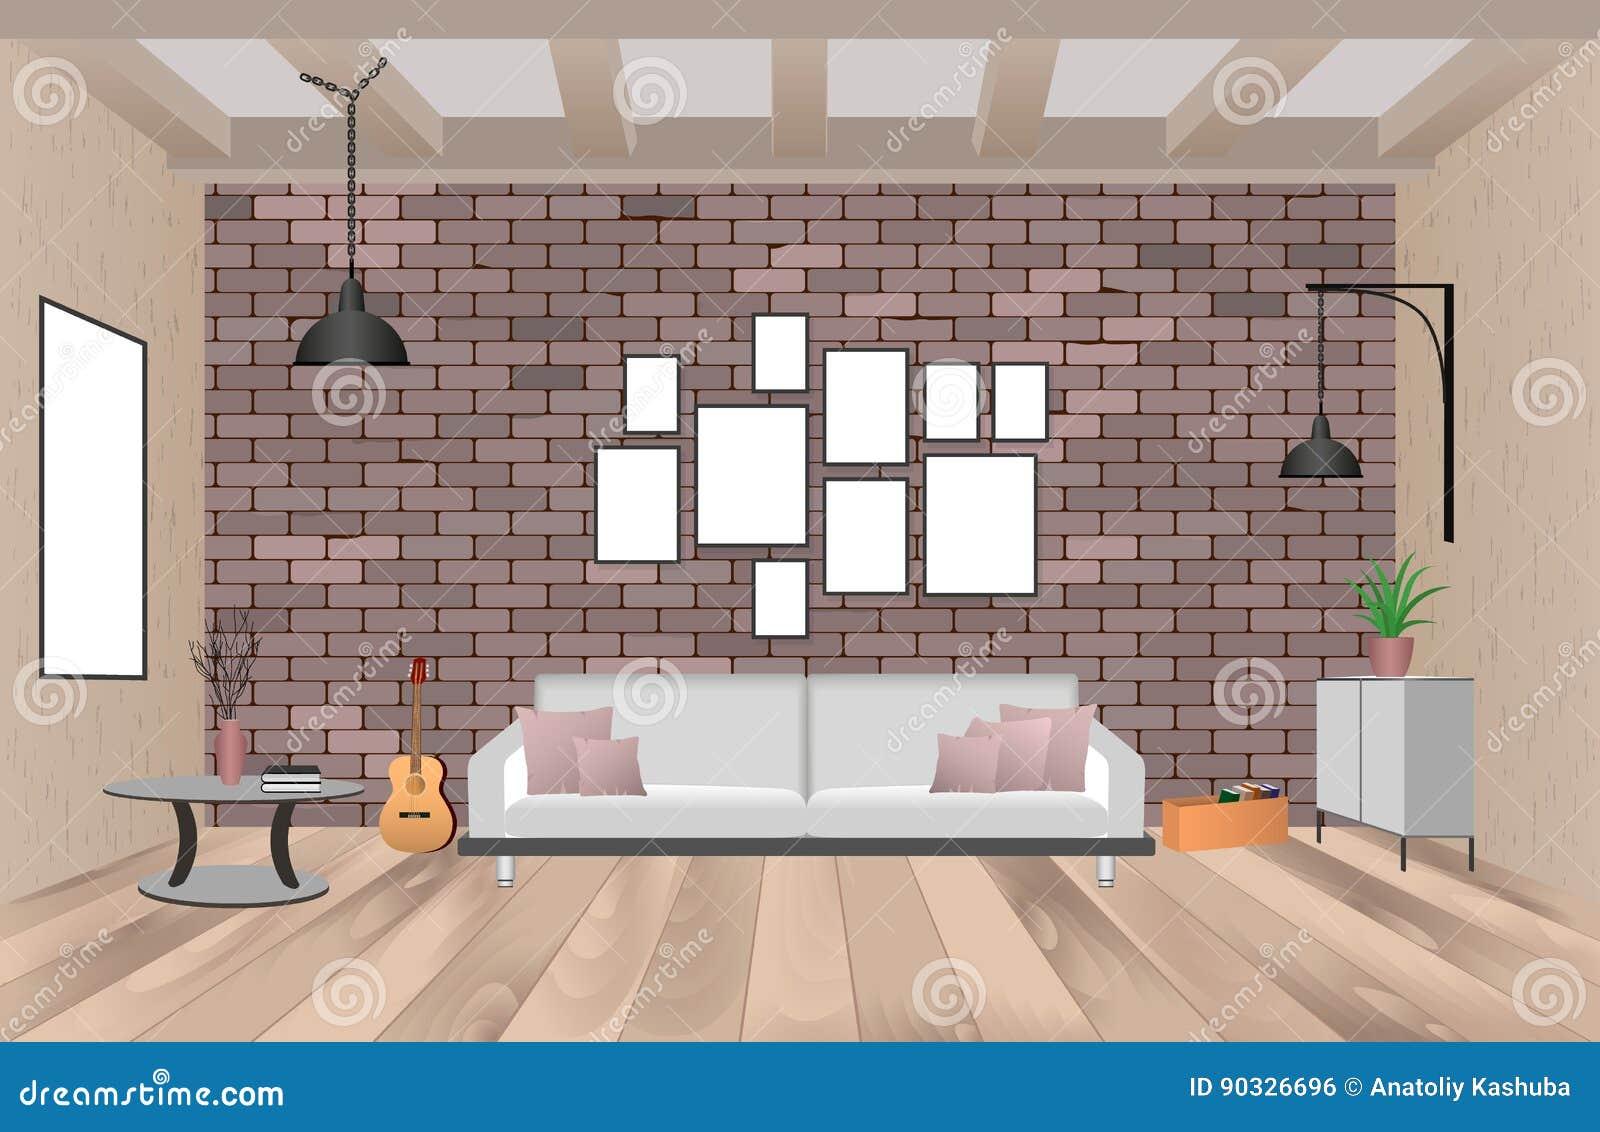 Lampen Voor Woonkamer : Muur lampen woonkamer trendy met meubilair in met lege kaders